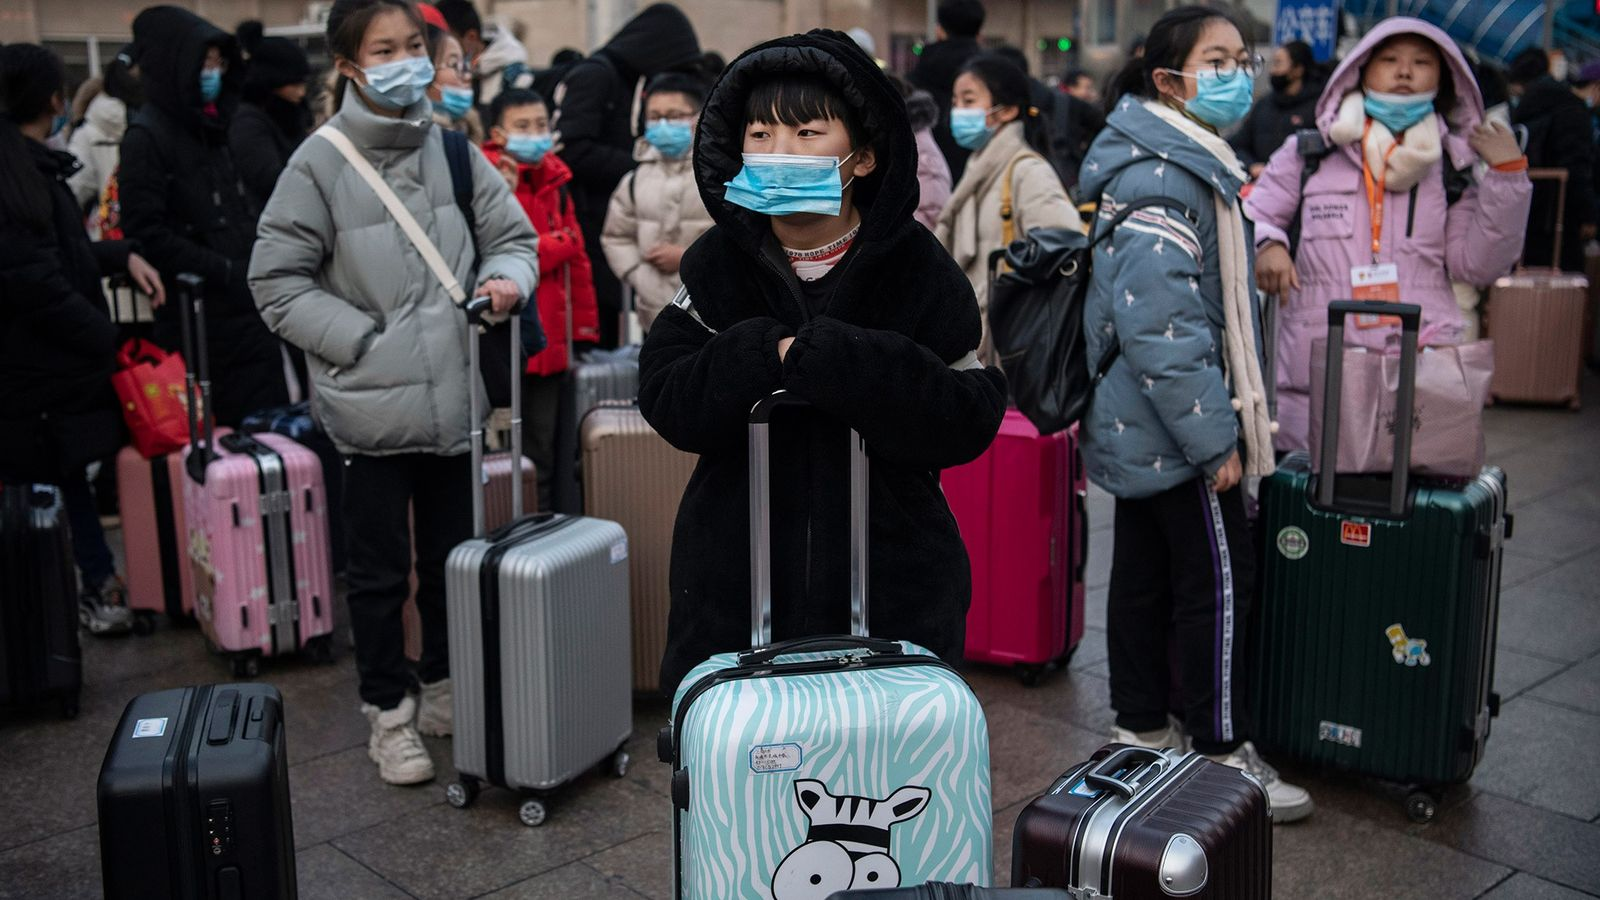 À Pékin, en Chine, le port du masque de protection est de rigueur pour ces passagers ...